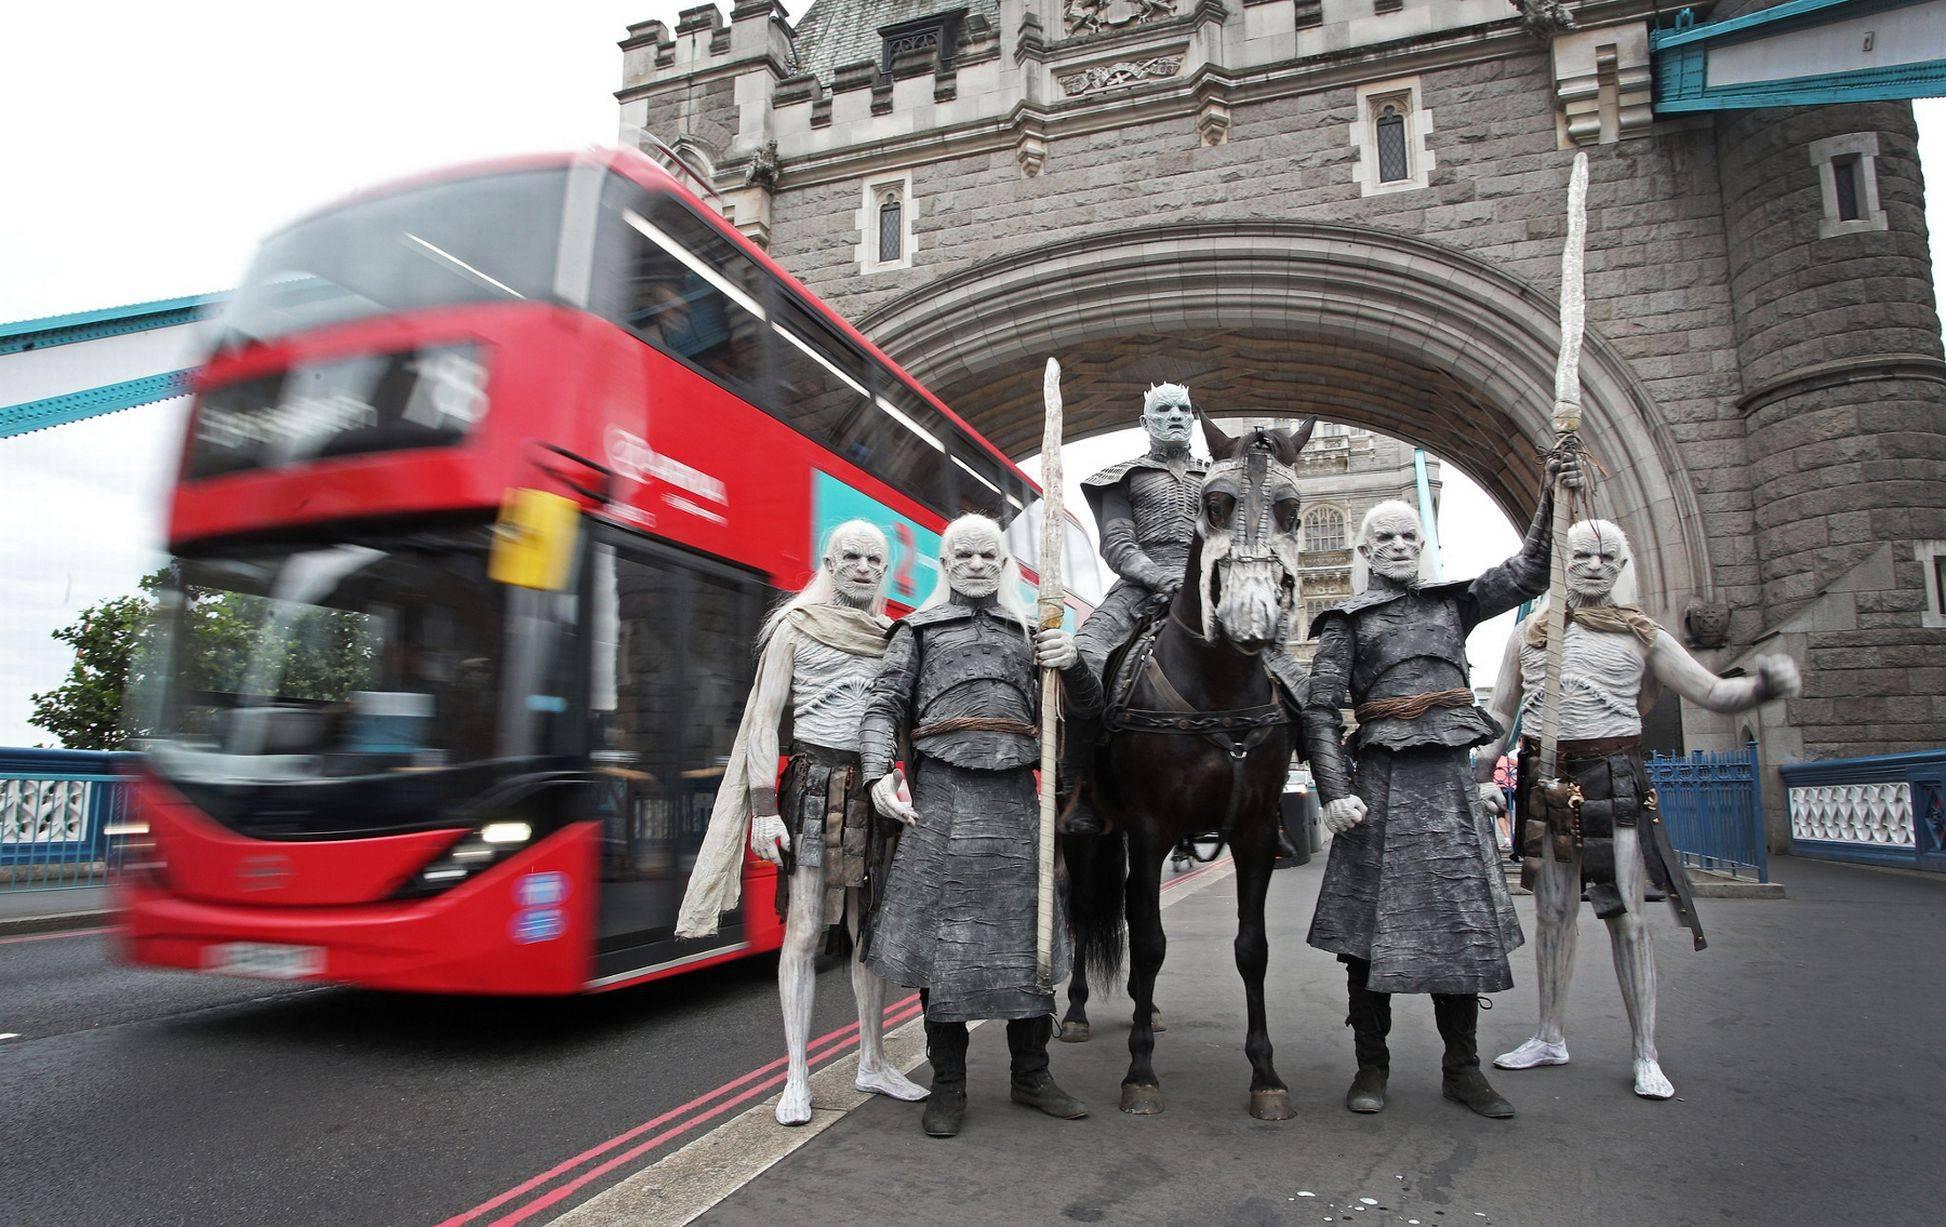 Фото: Белые ходоки из «Игры престолов» прошлись по Лондону 4